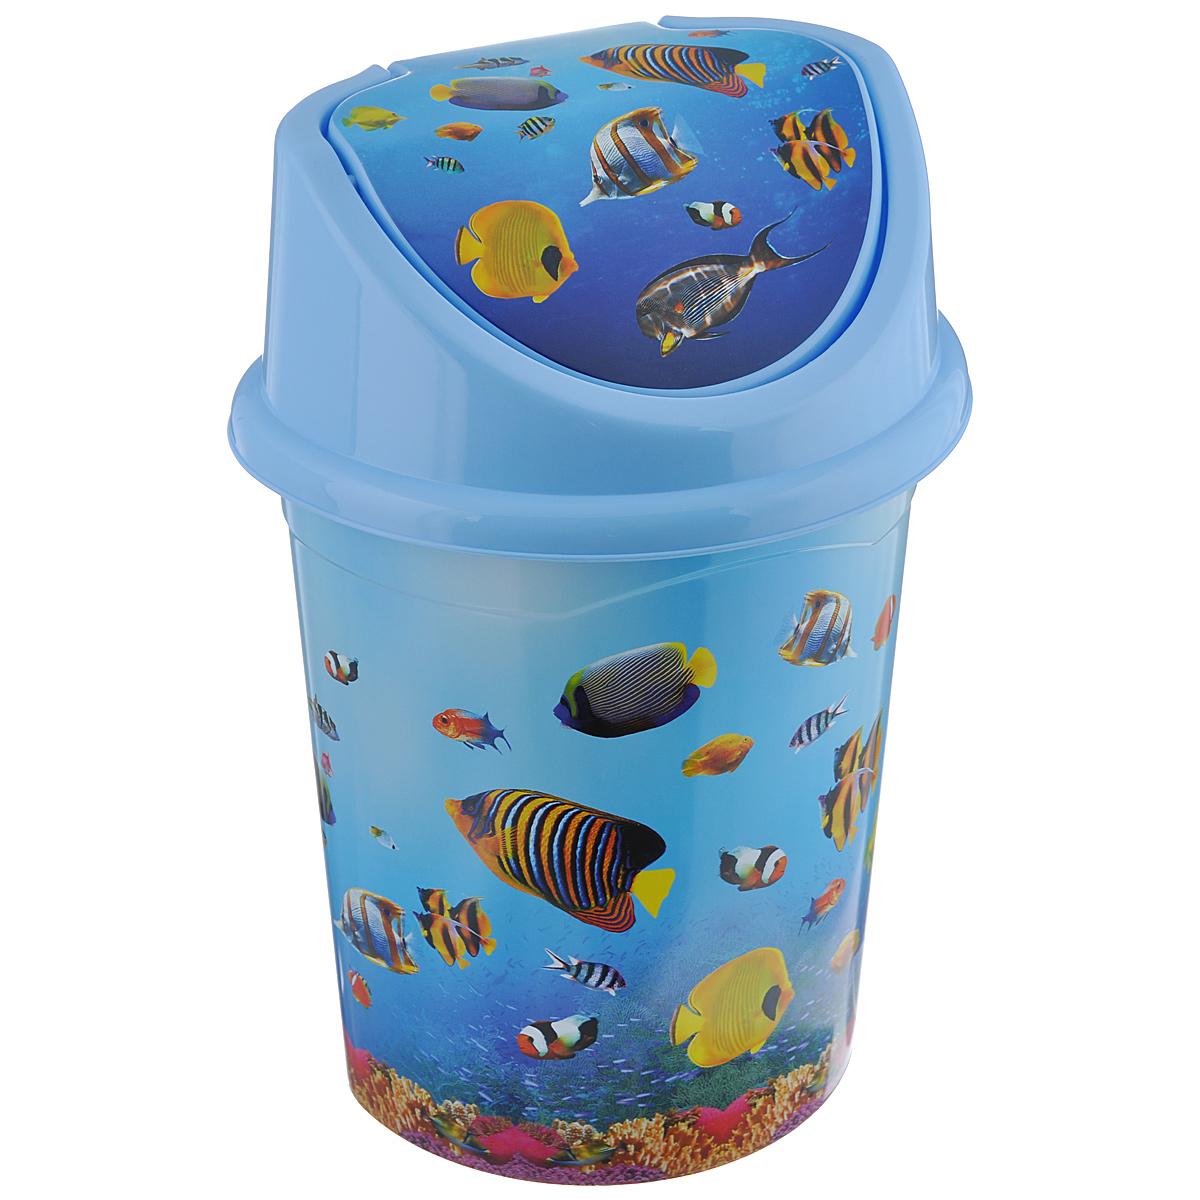 Контейнер для мусора Violet Океан, цвет: голубой, синий, желтый, 8 л810381Контейнер для мусора Violet Океан изготовлен из прочного пластика. Контейнер снабжен удобной съемной крышкой с подвижной перегородкой. В нем удобно хранить мелкий мусор. Благодаря яркому дизайну такой контейнер идеально впишется в интерьер и дома. Размер изделия: 21 см x 26 см x 36 см.